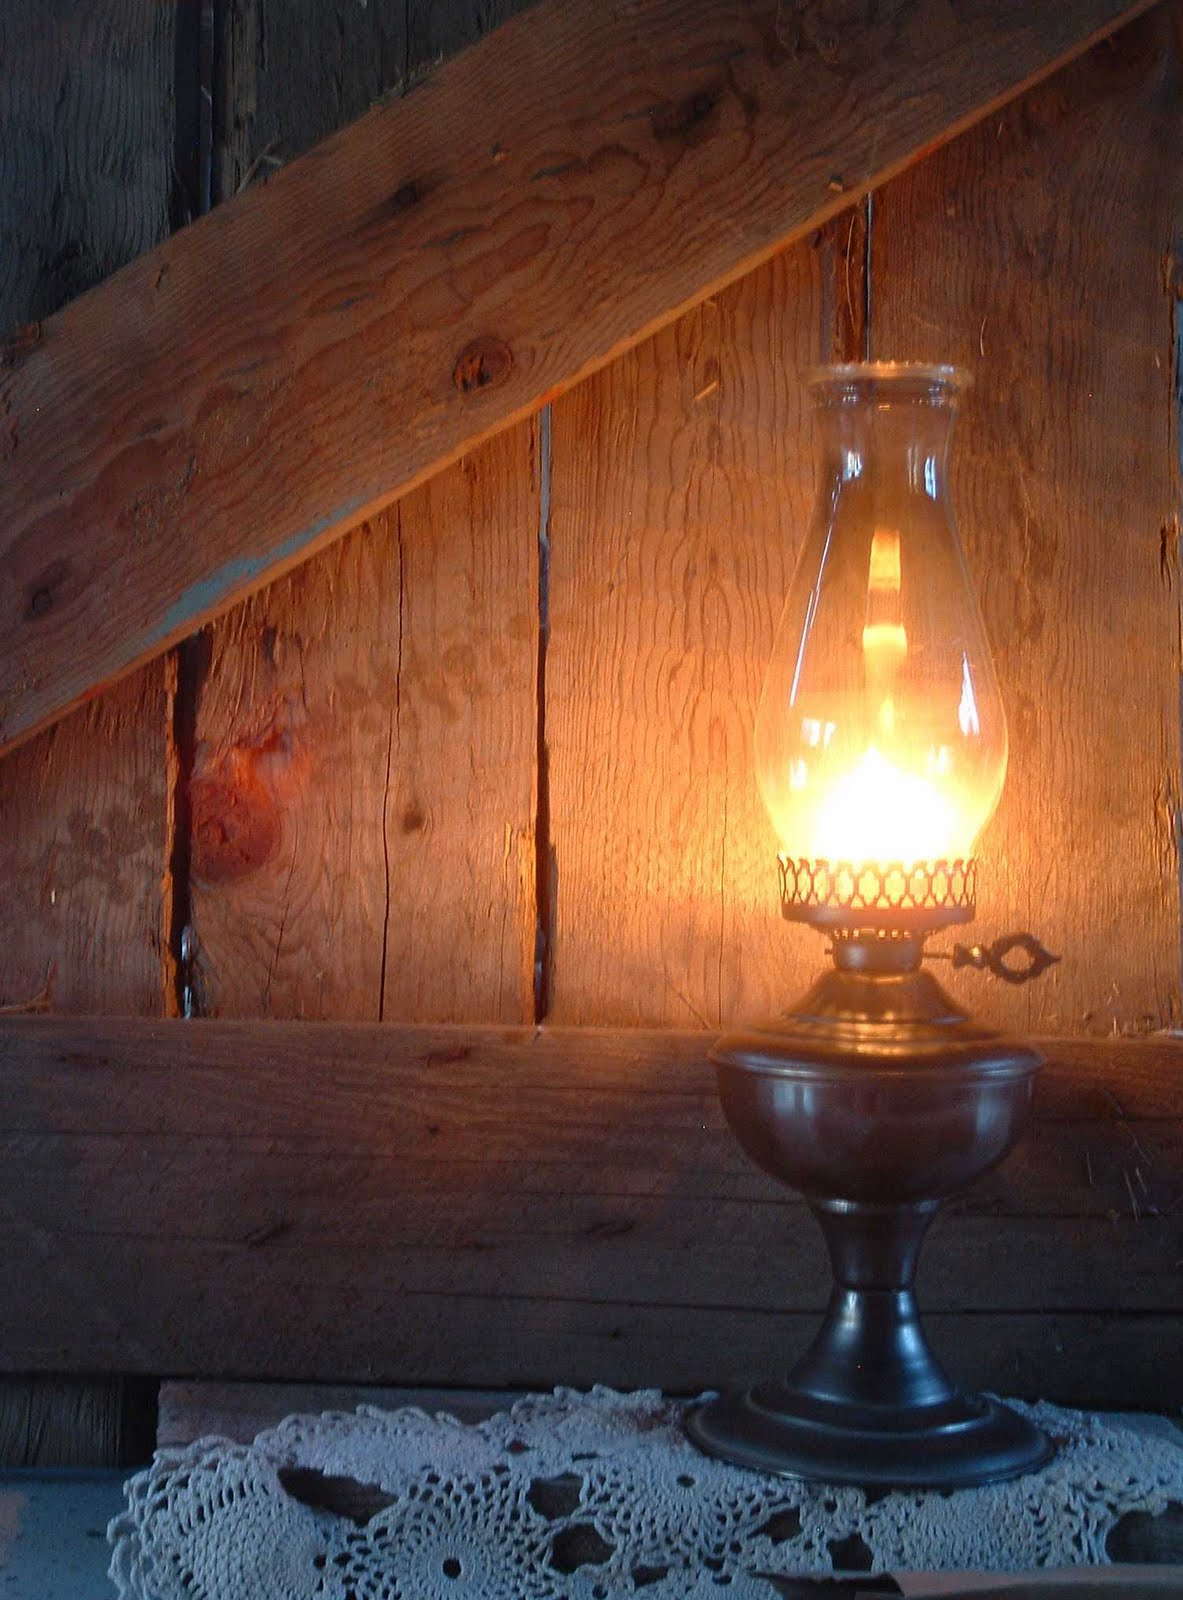 Old Fashioned Kerosene Lamps